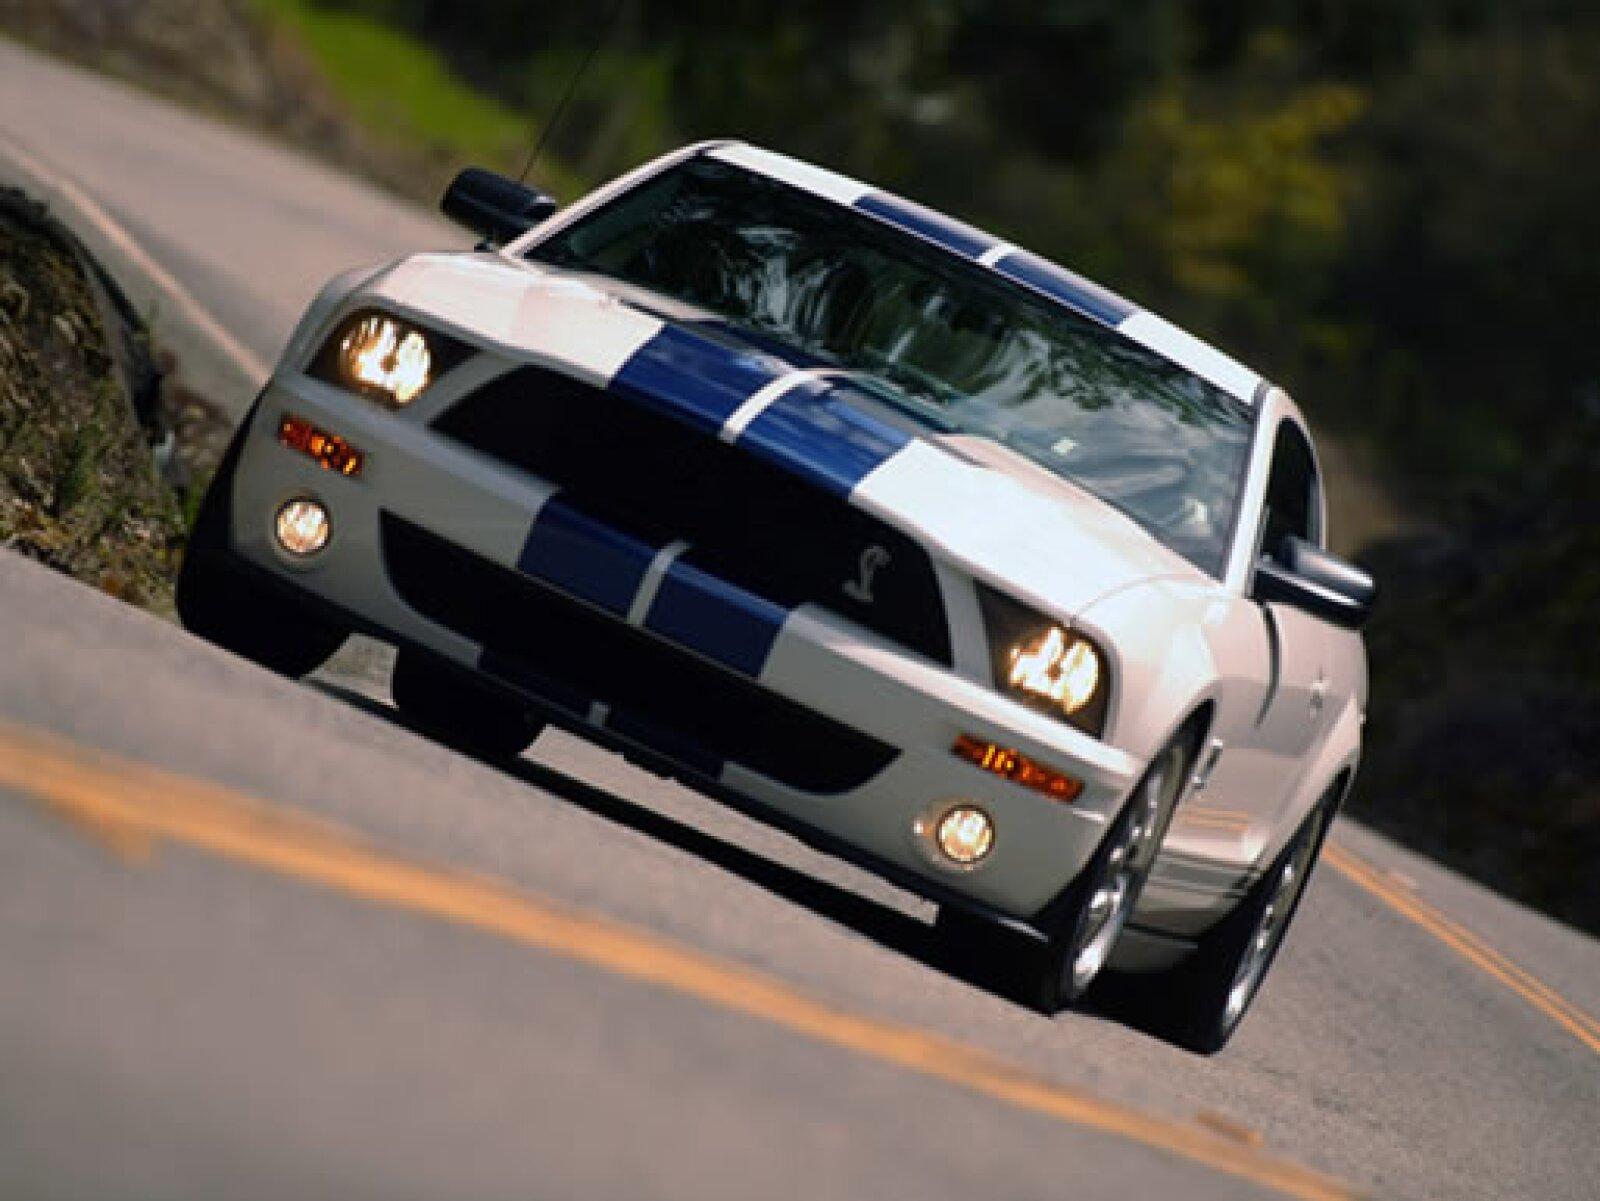 La tradición GT de Mustang tuvo una evolución en el poder de los caballos de fuerza, alcanzando los 500, con el Shelby 500GT de 2007.